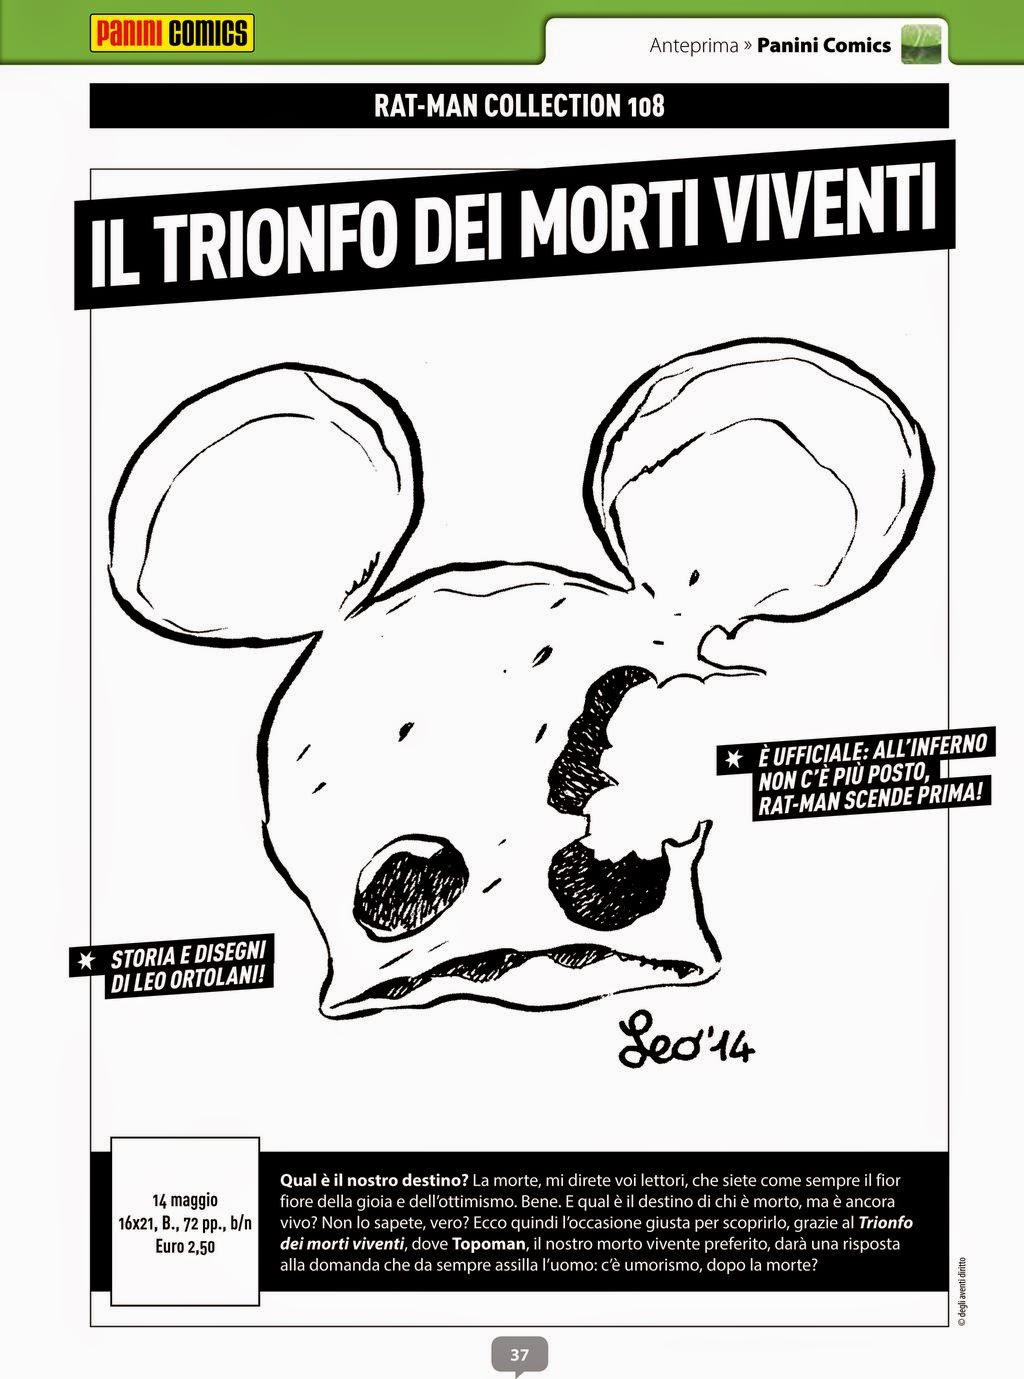 Rat-man #108 - The Walking Rat - Il trionfo dei morti viventi (Anteprima #282 Febbraio 2015)